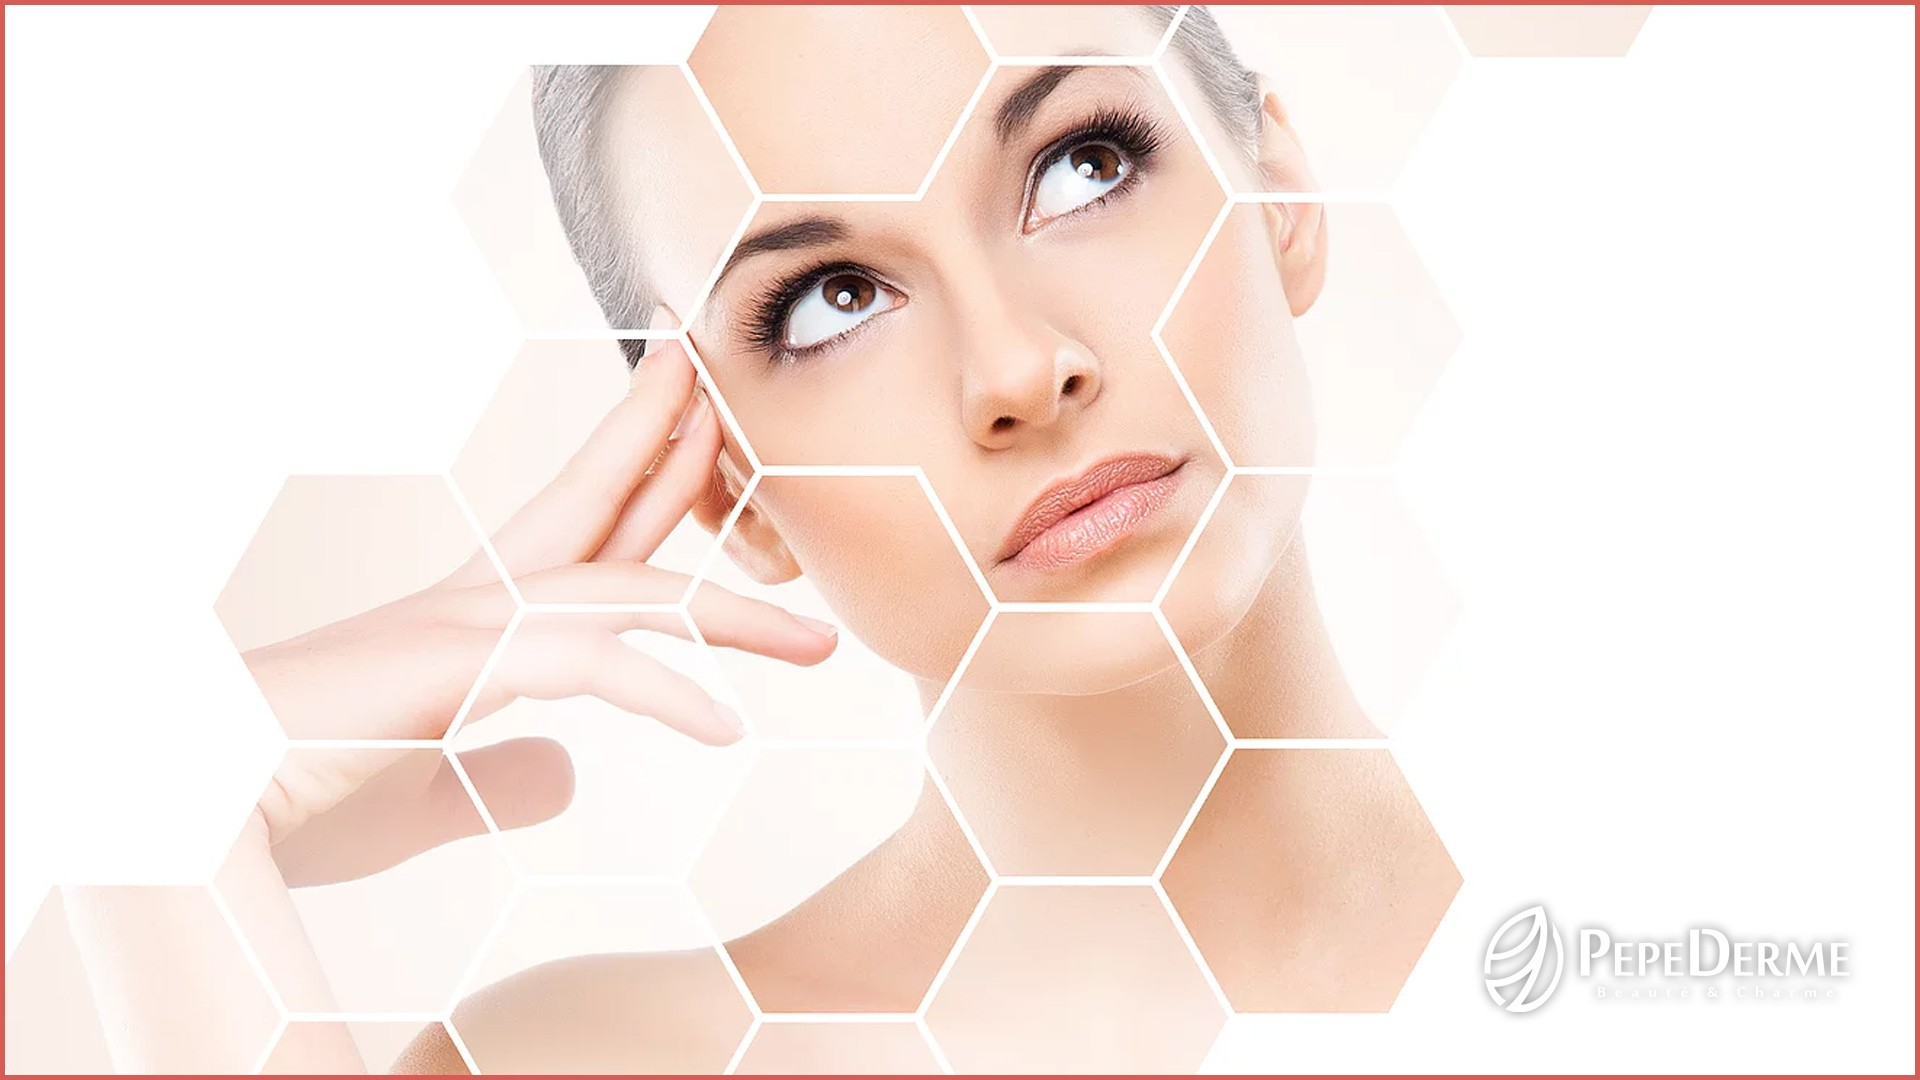 Panthenol je široce používaný v mnoha kosmetických přípravcích jako zvlhčovadlo.